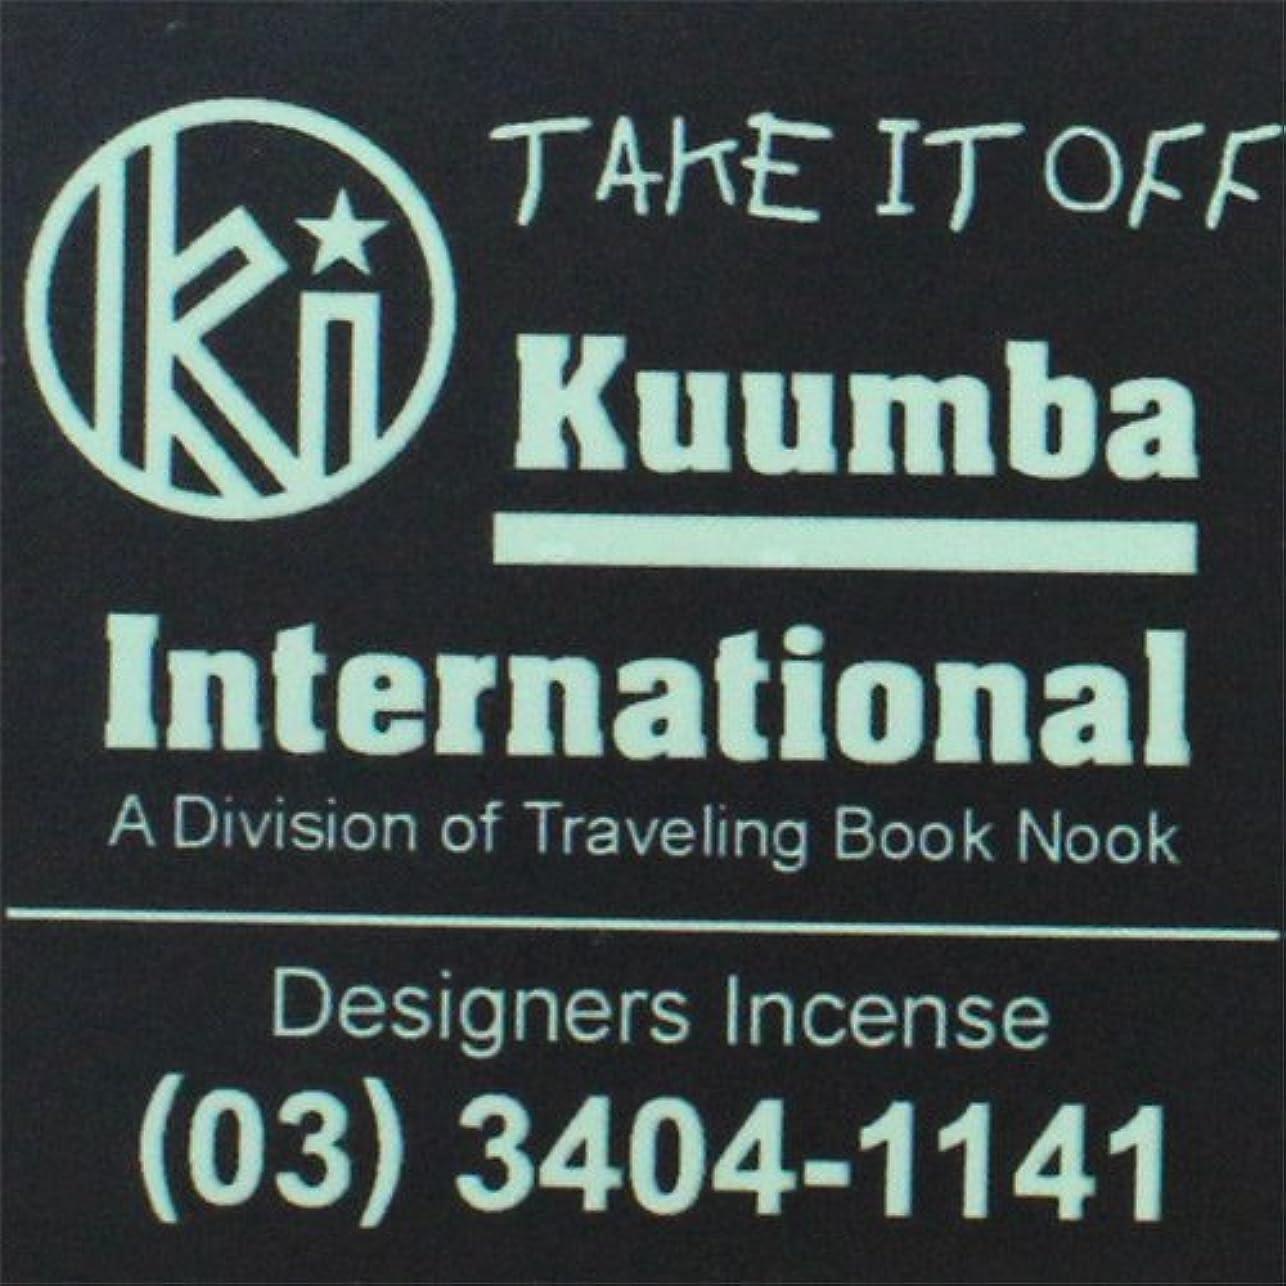 絡み合い隔離する風味KUUMBA / クンバ『incense』(TAKE IT OFF) (Regular size)